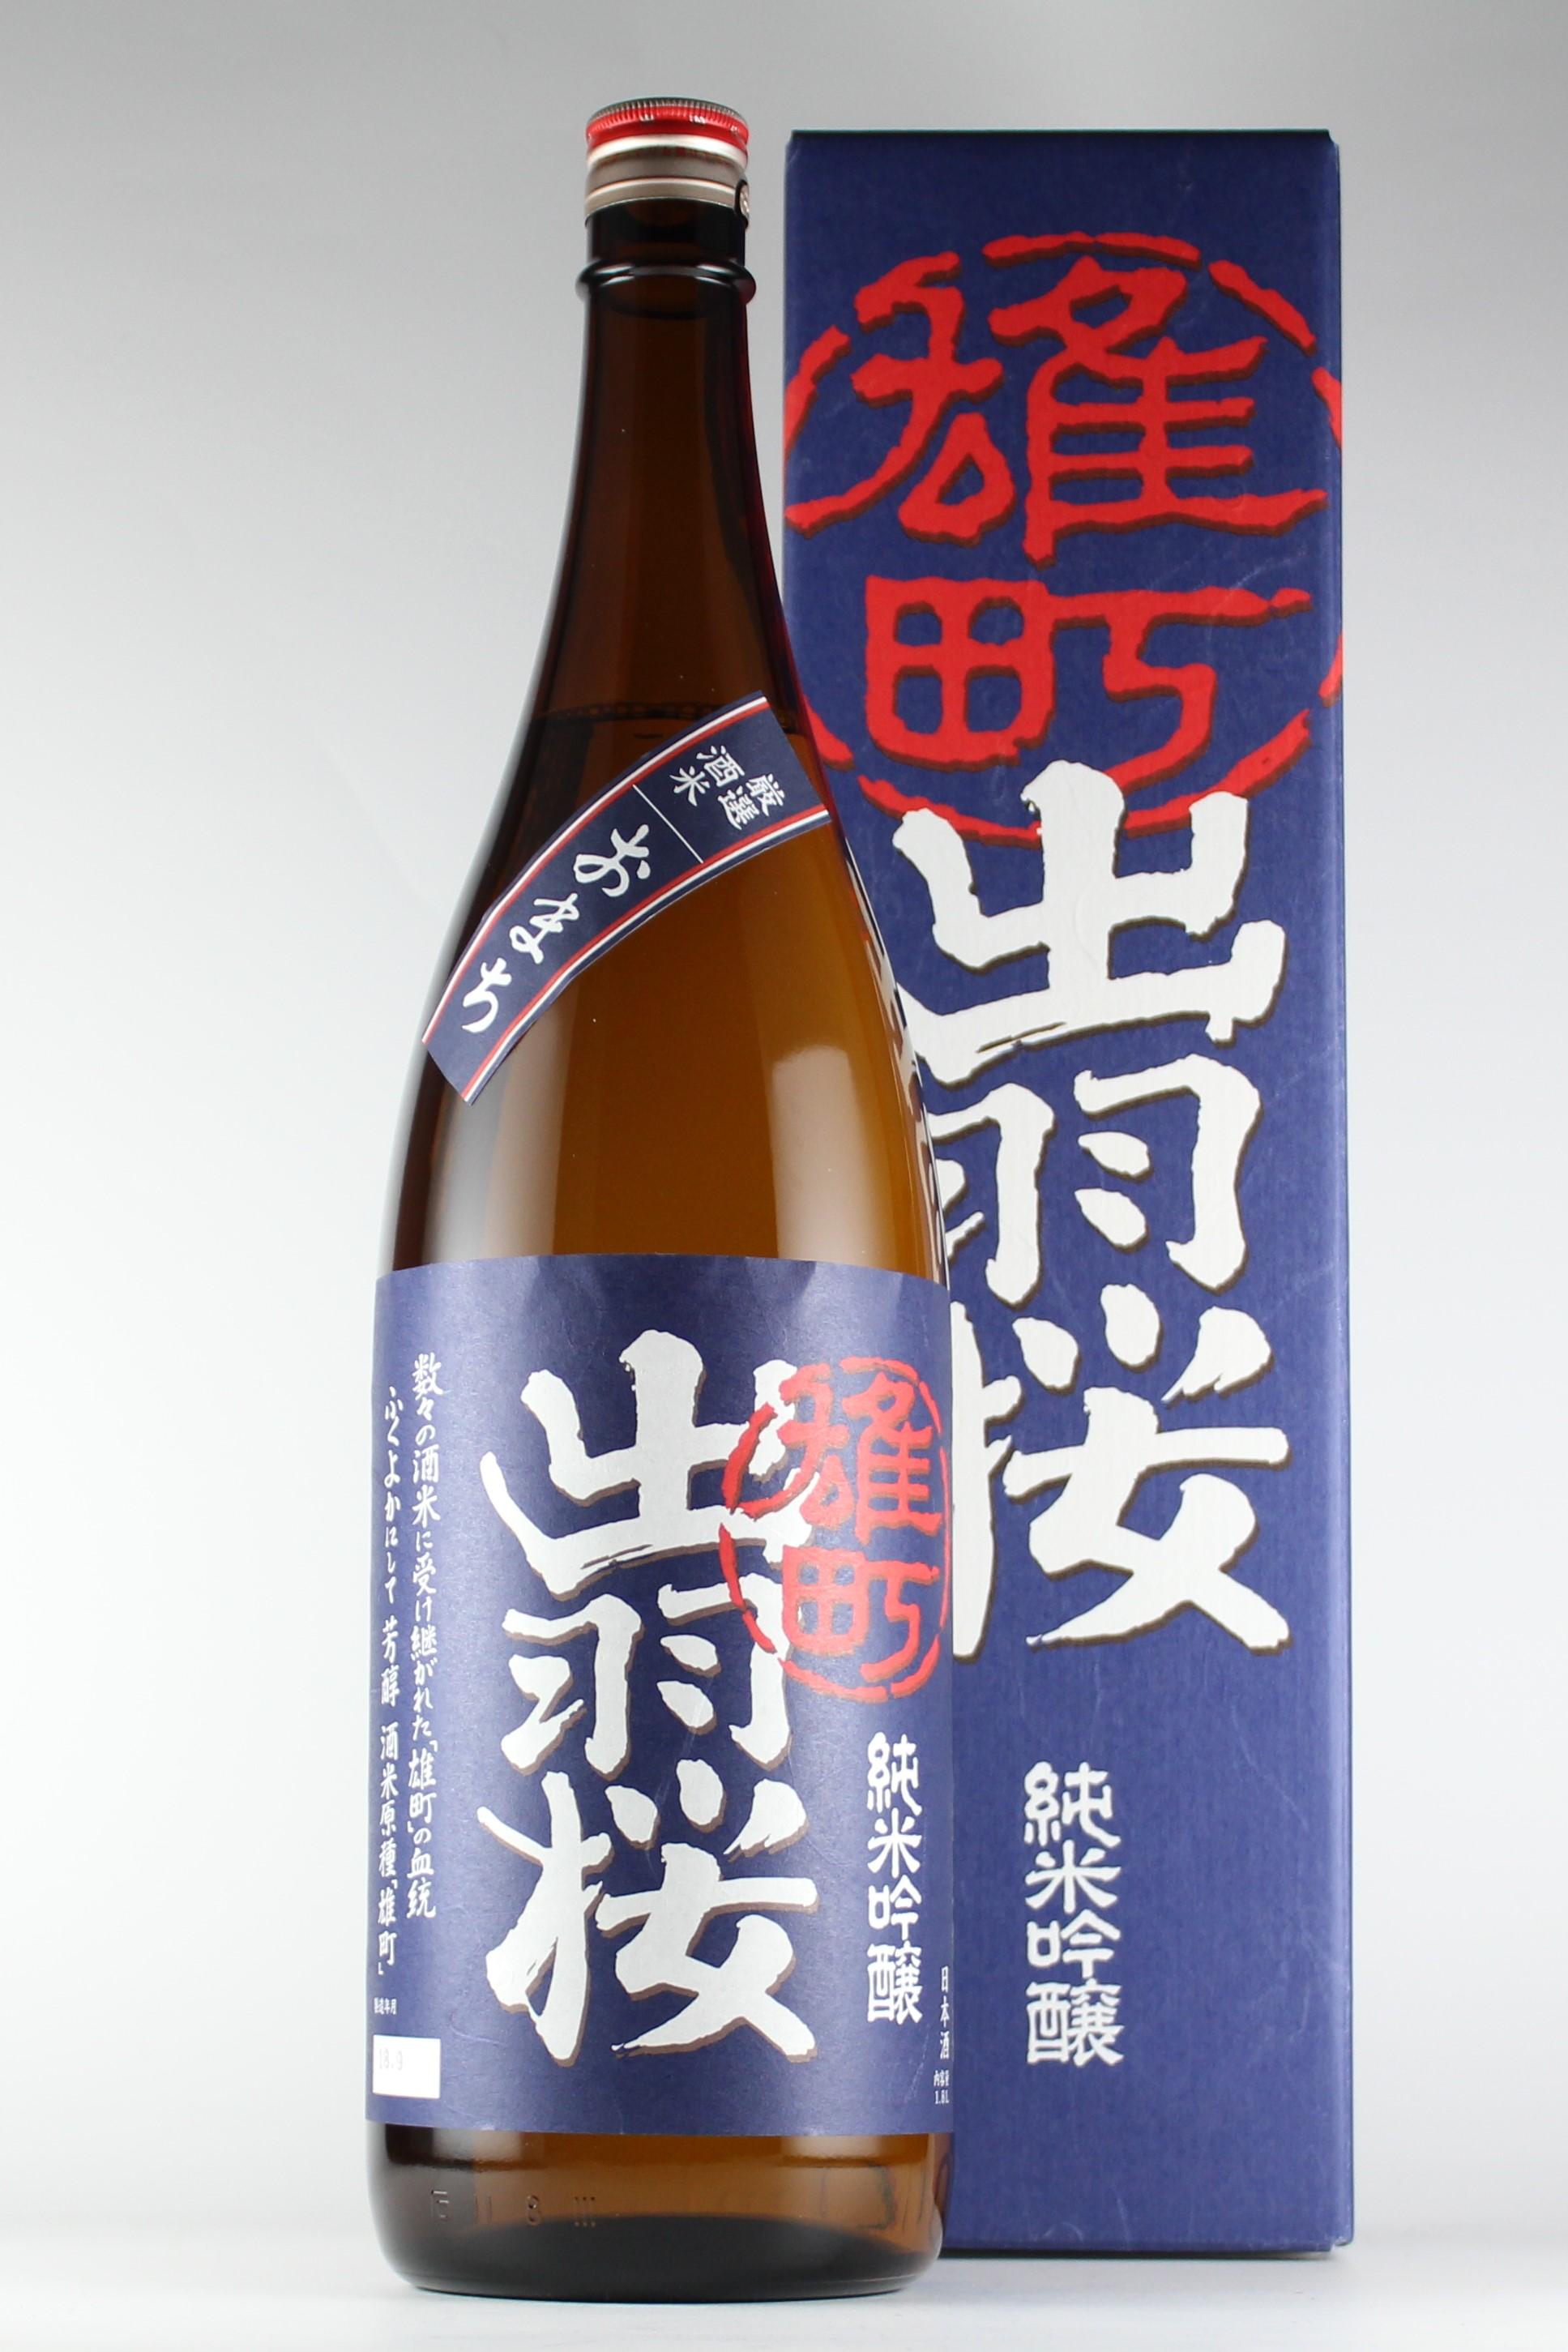 出羽桜2020 純米吟醸 雄町 1800ml 【山形/出羽桜酒造】